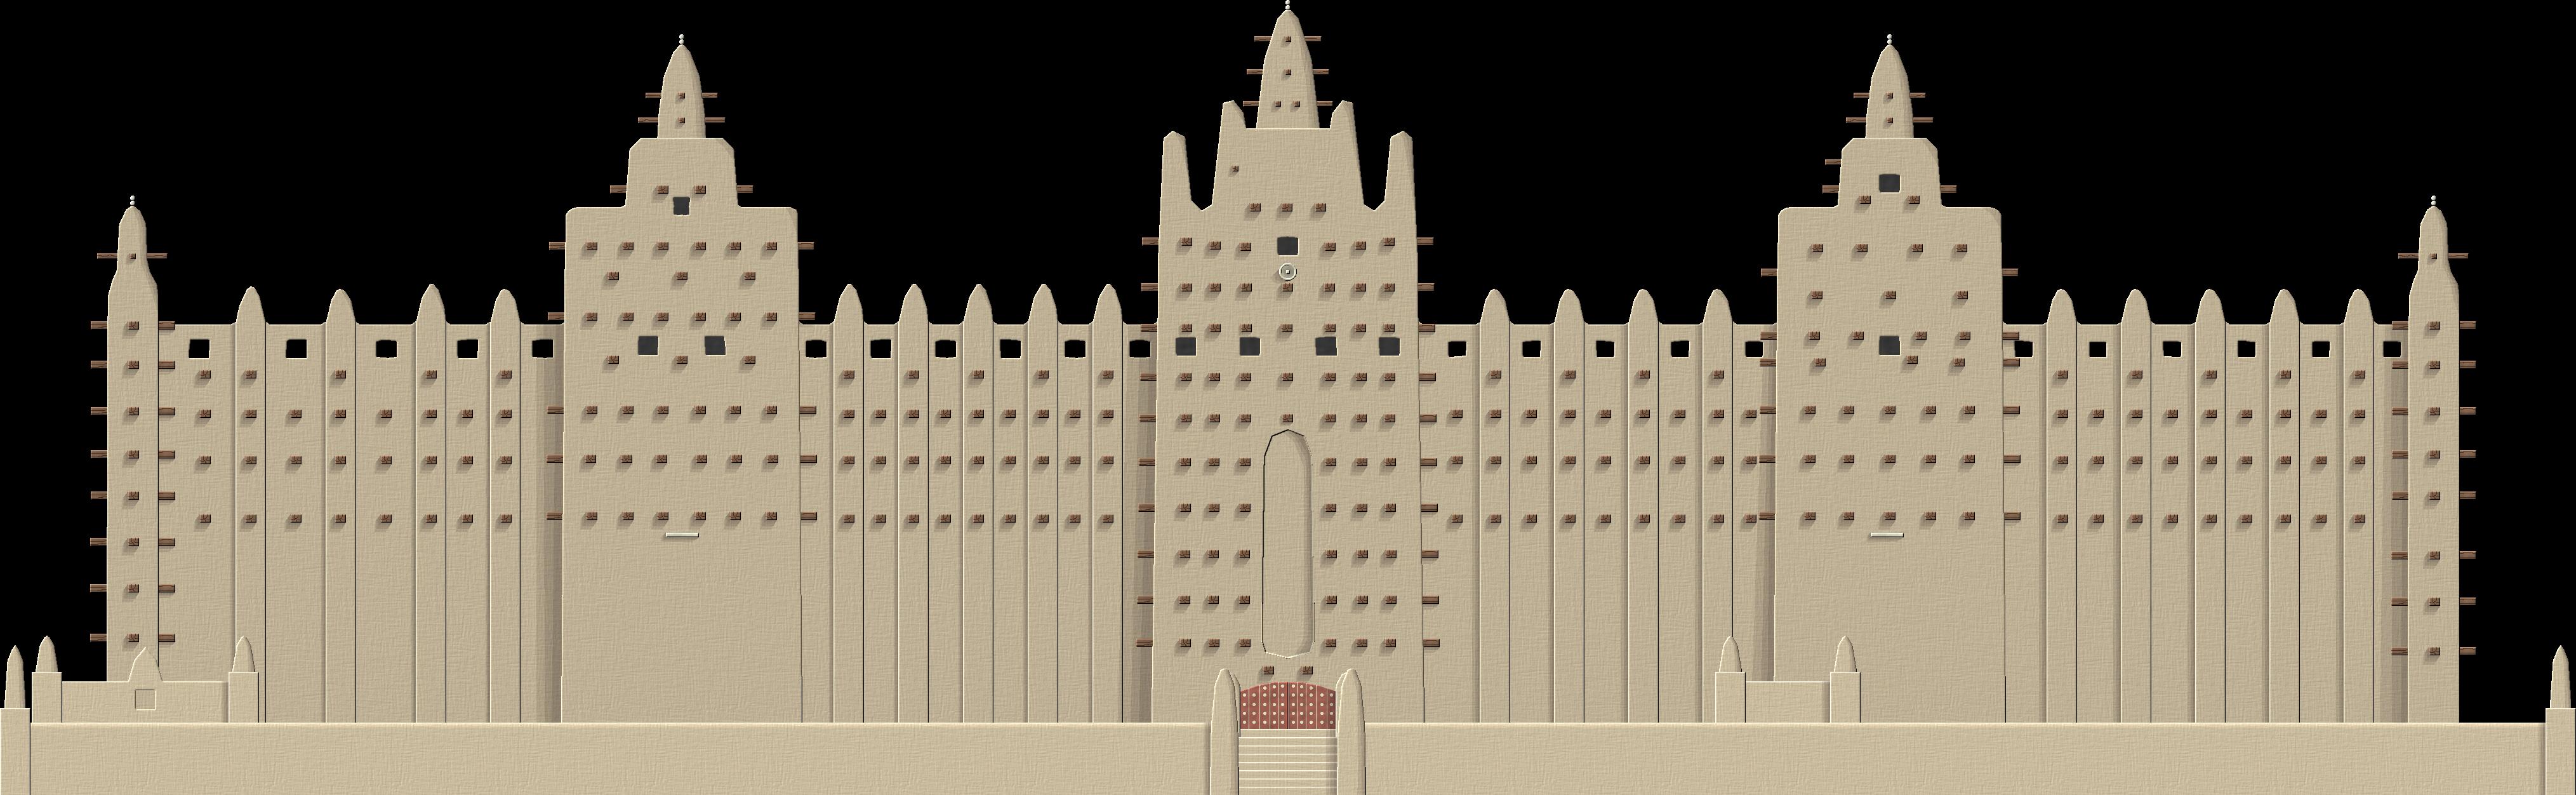 Great Mosque of Djenne by Herbertrocha